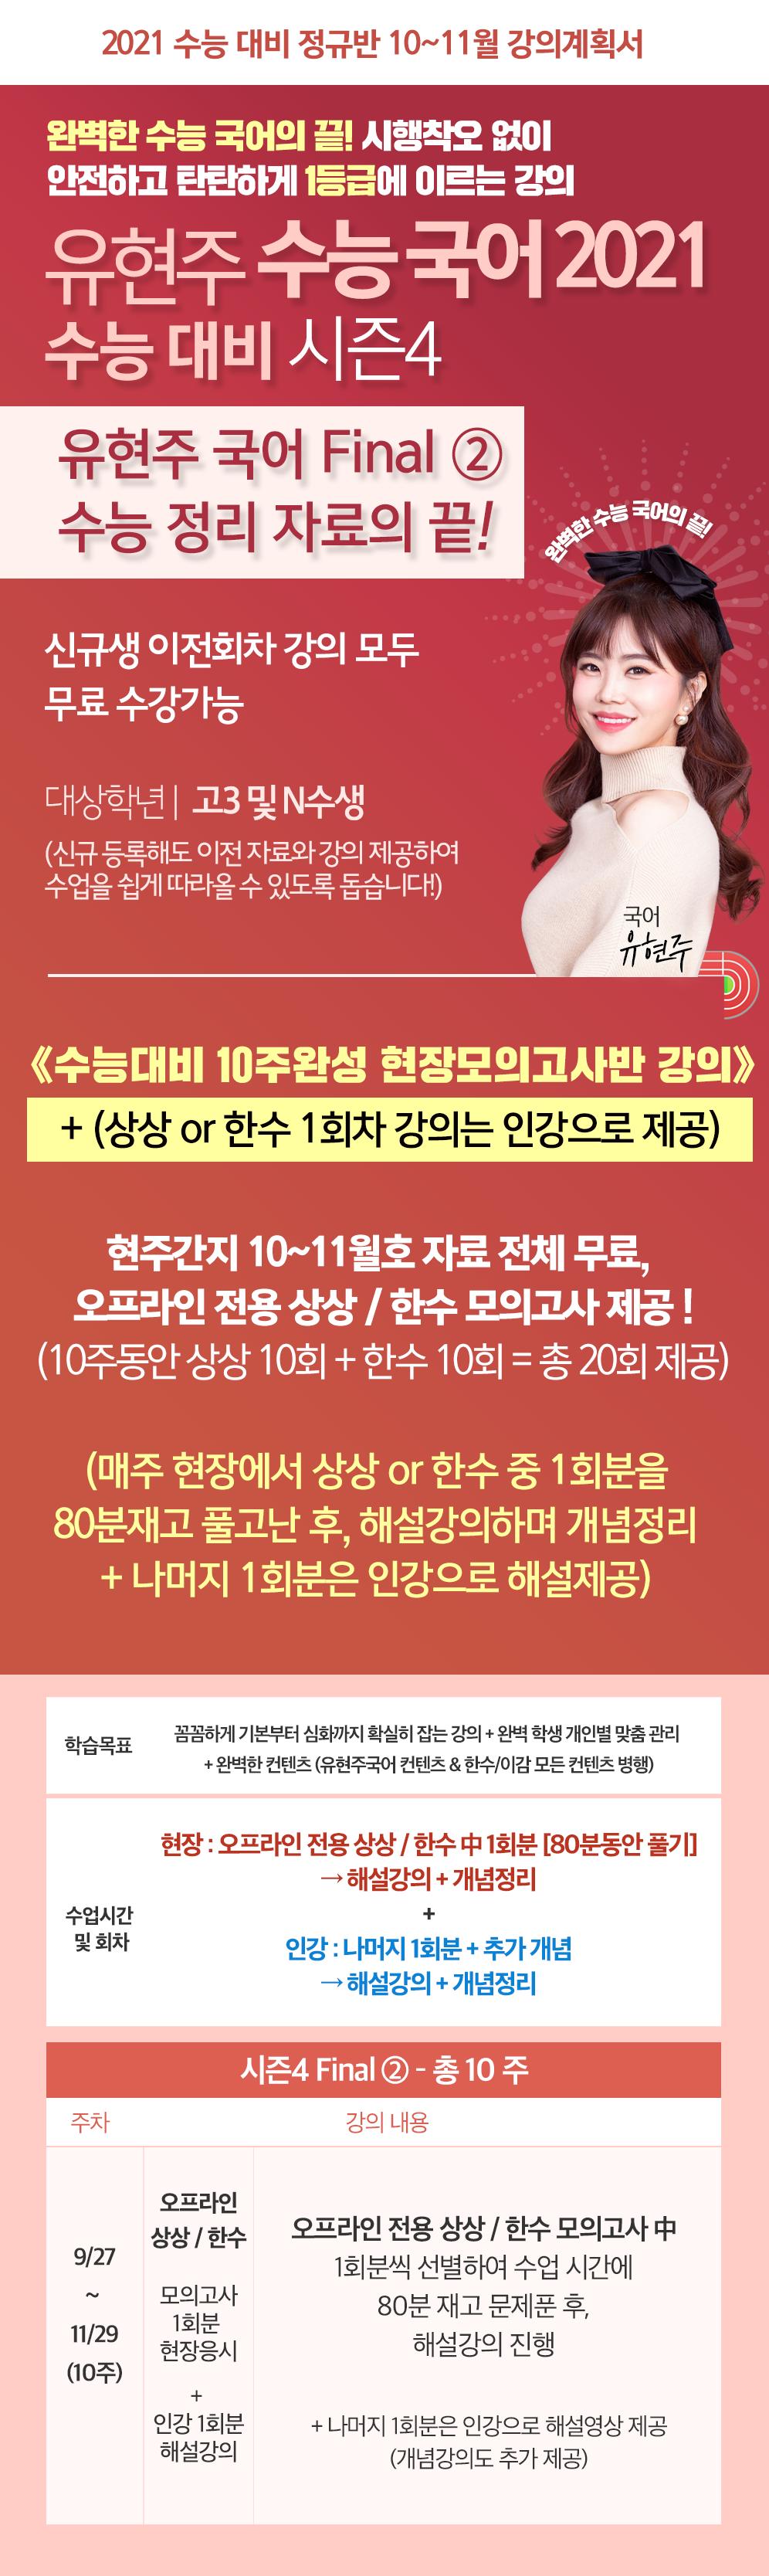 유현주 2021 수능 국어 대비 시즌4